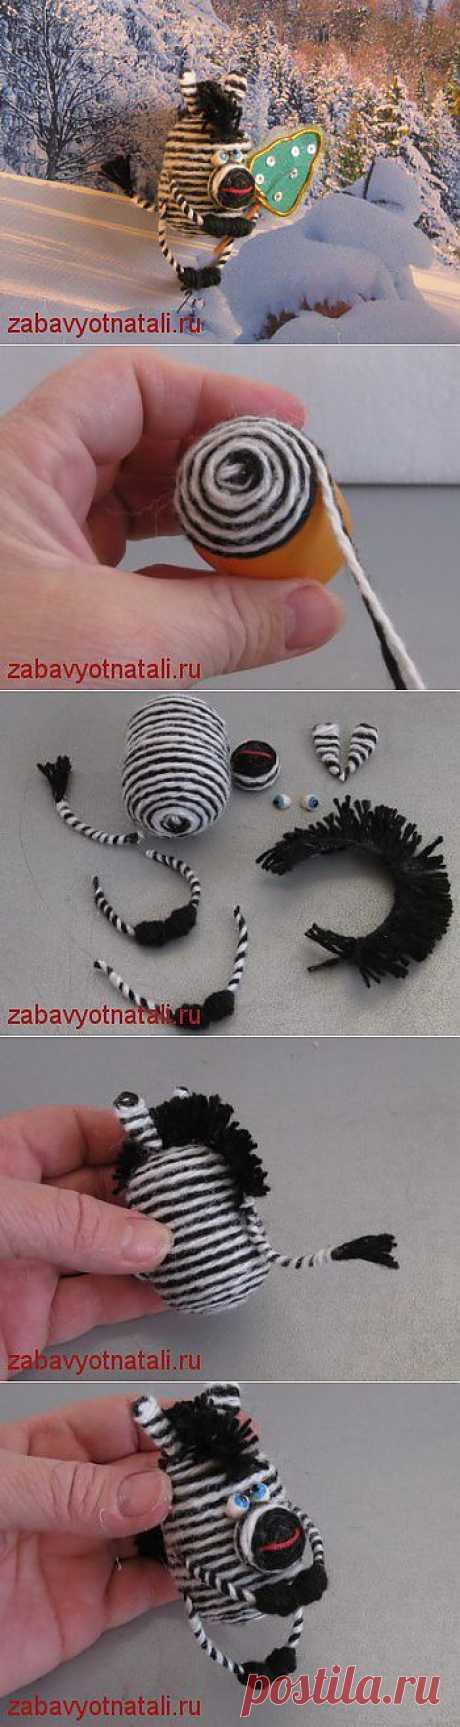 Зебра из киндер-сюрприза | Забавы от Натальи